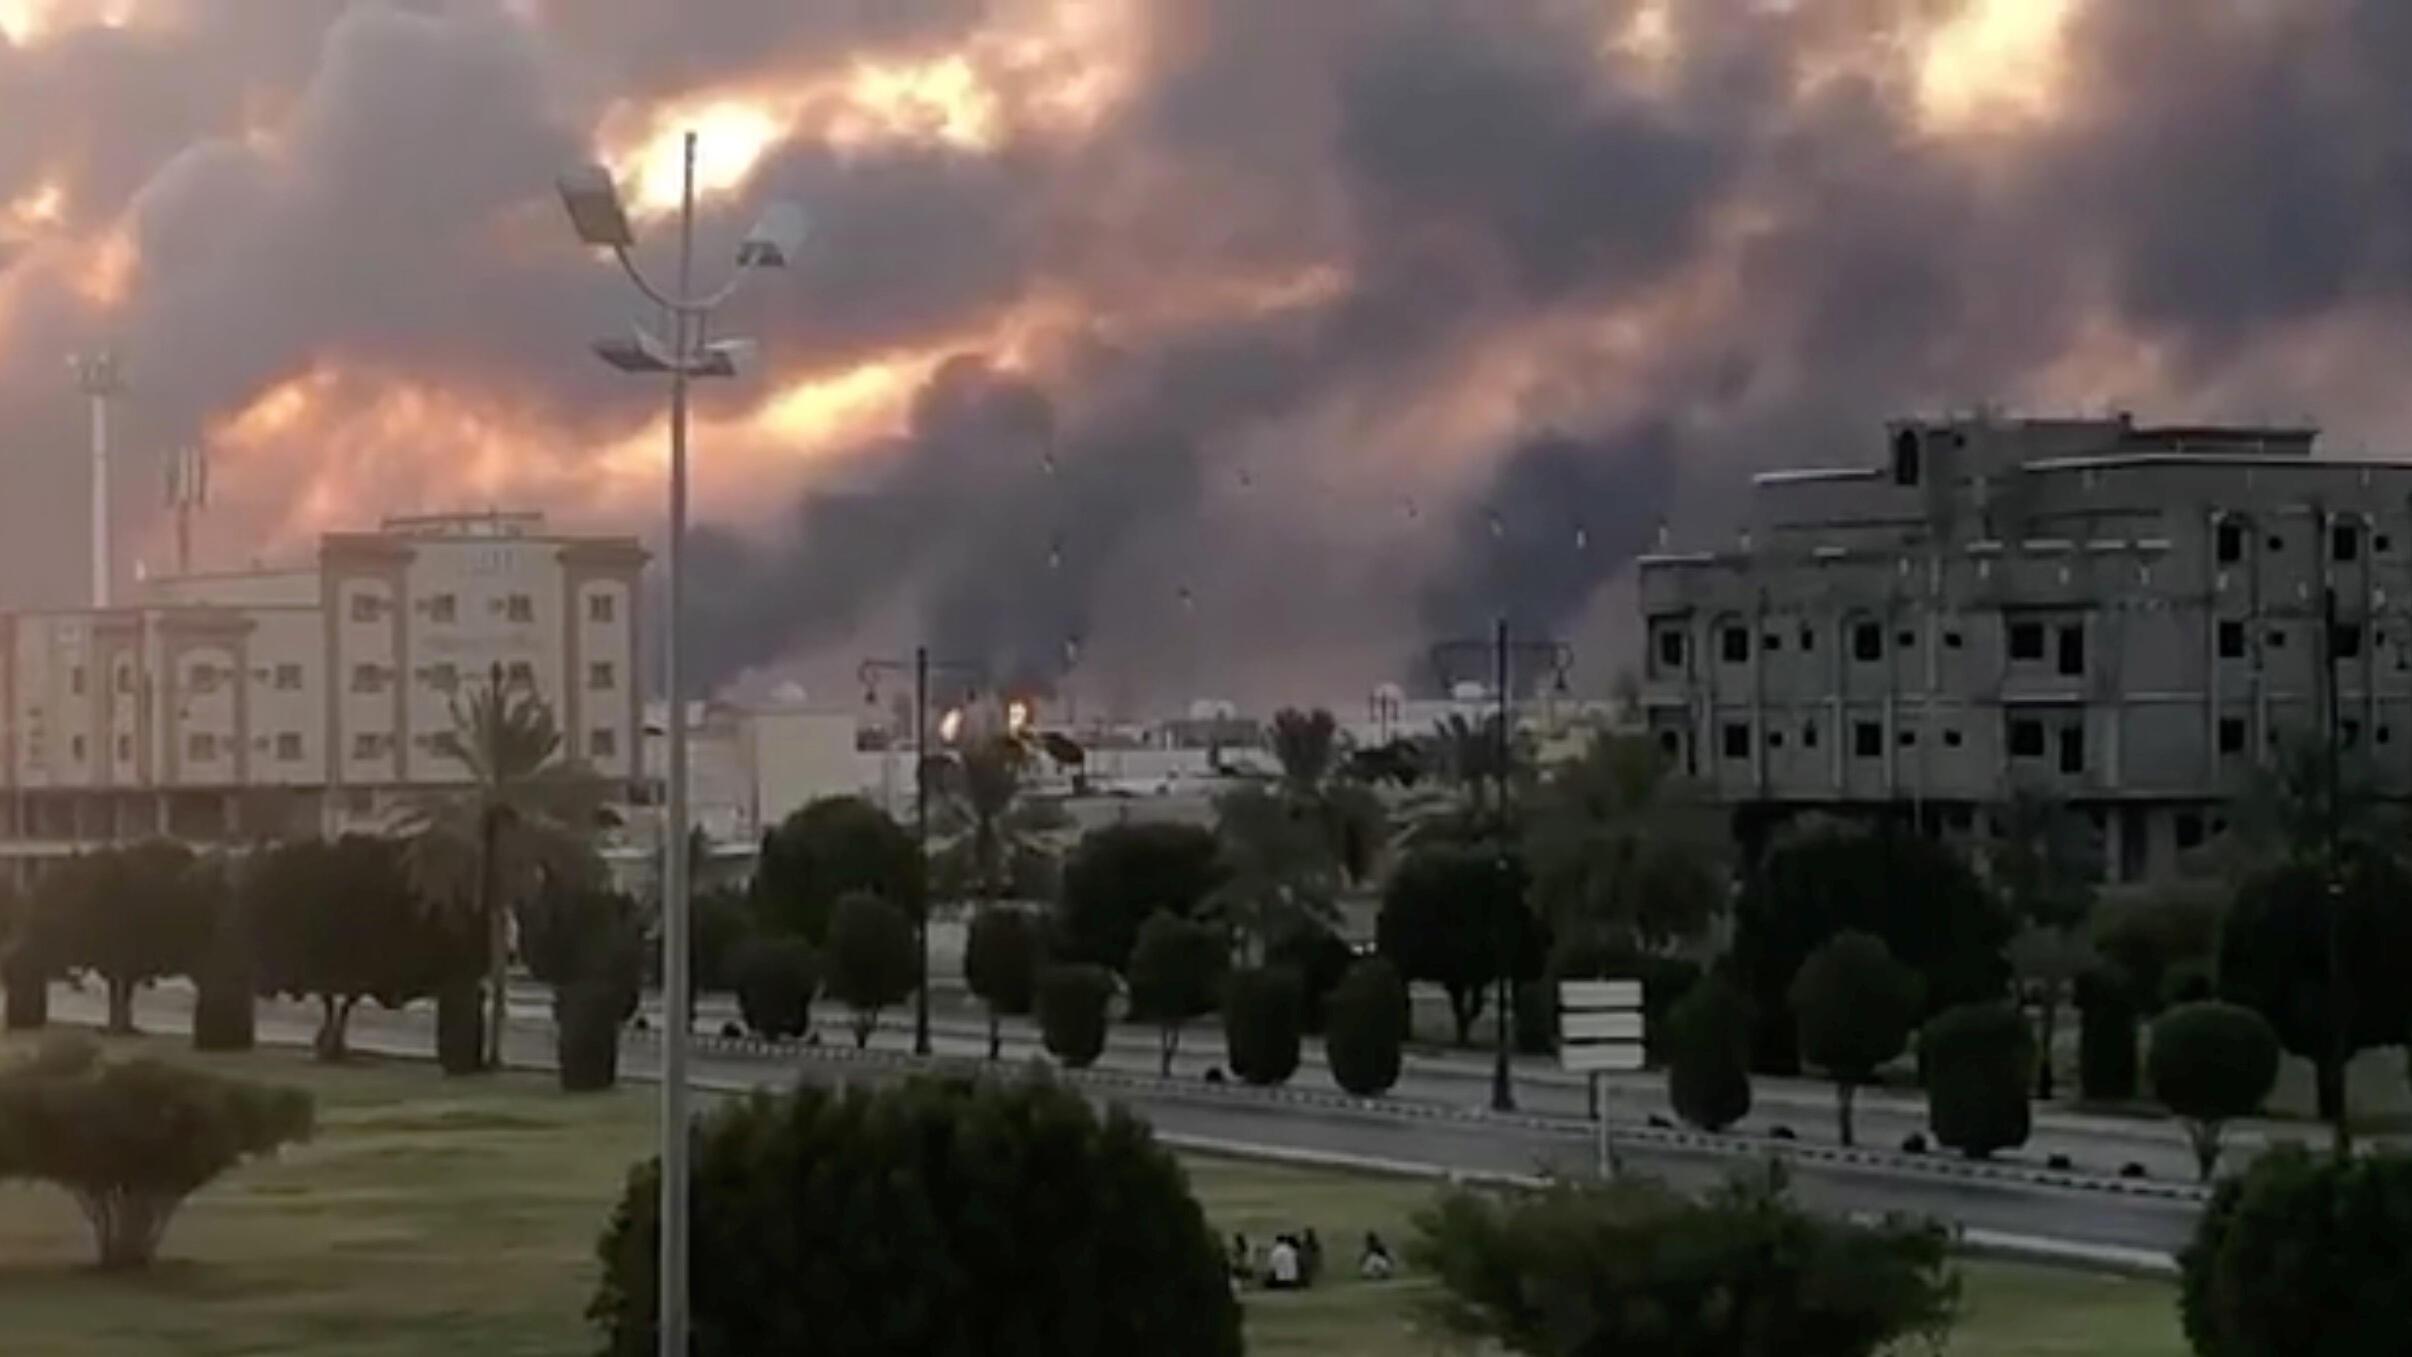 شوهد الدخان بعد حريق في مصنع أرامكو في بقيق